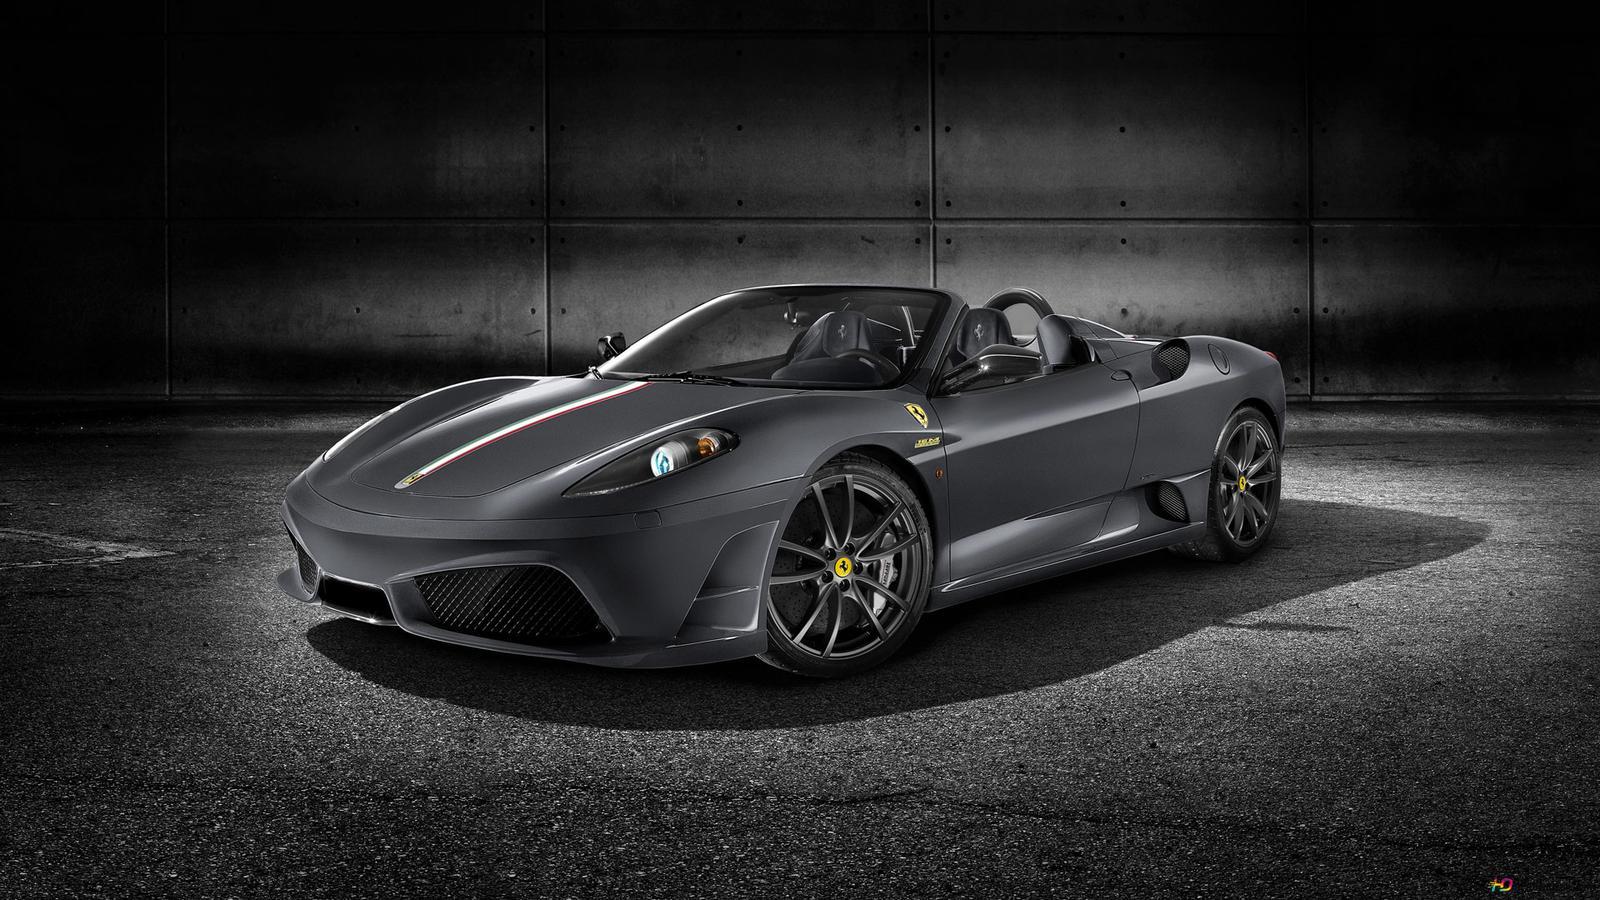 Midnight Black Ferrari Sport Car Hd Wallpaper Download